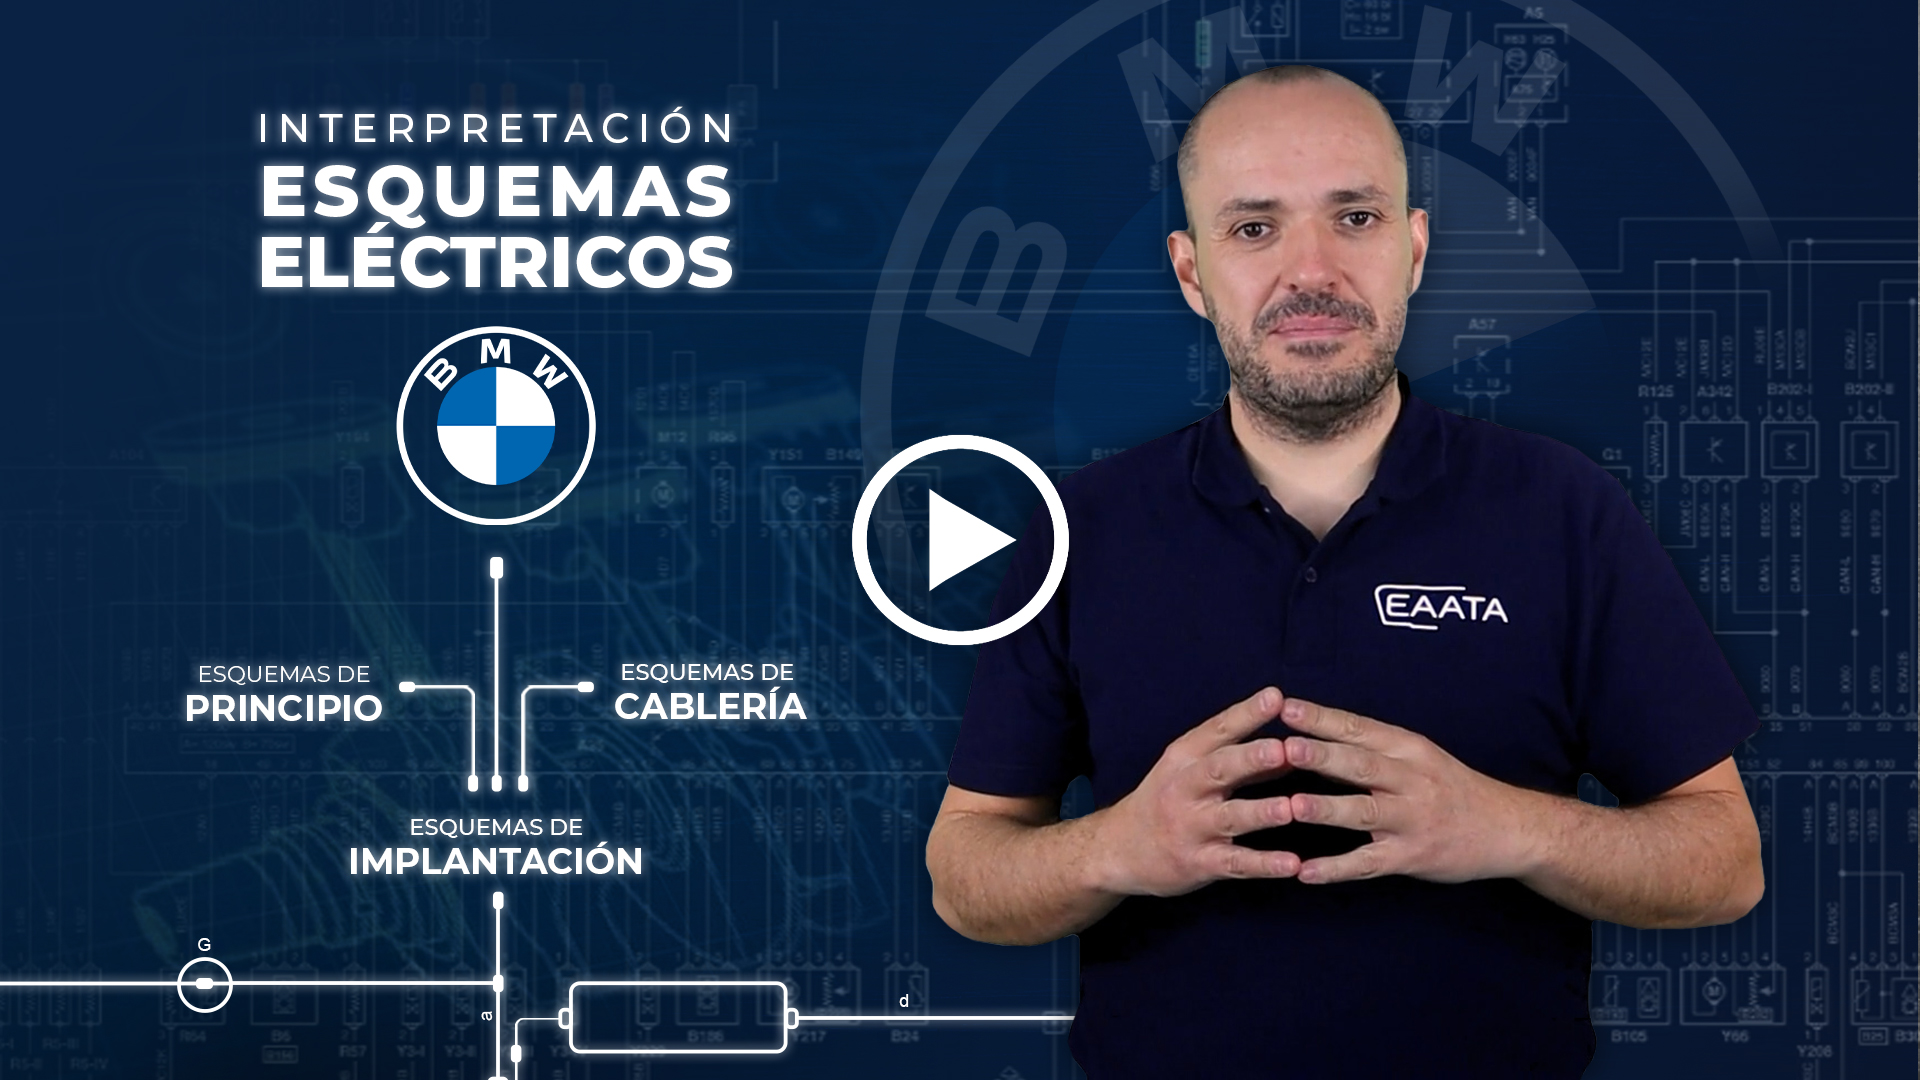 Interpretación de Esquemas Eléctricos BMW course image